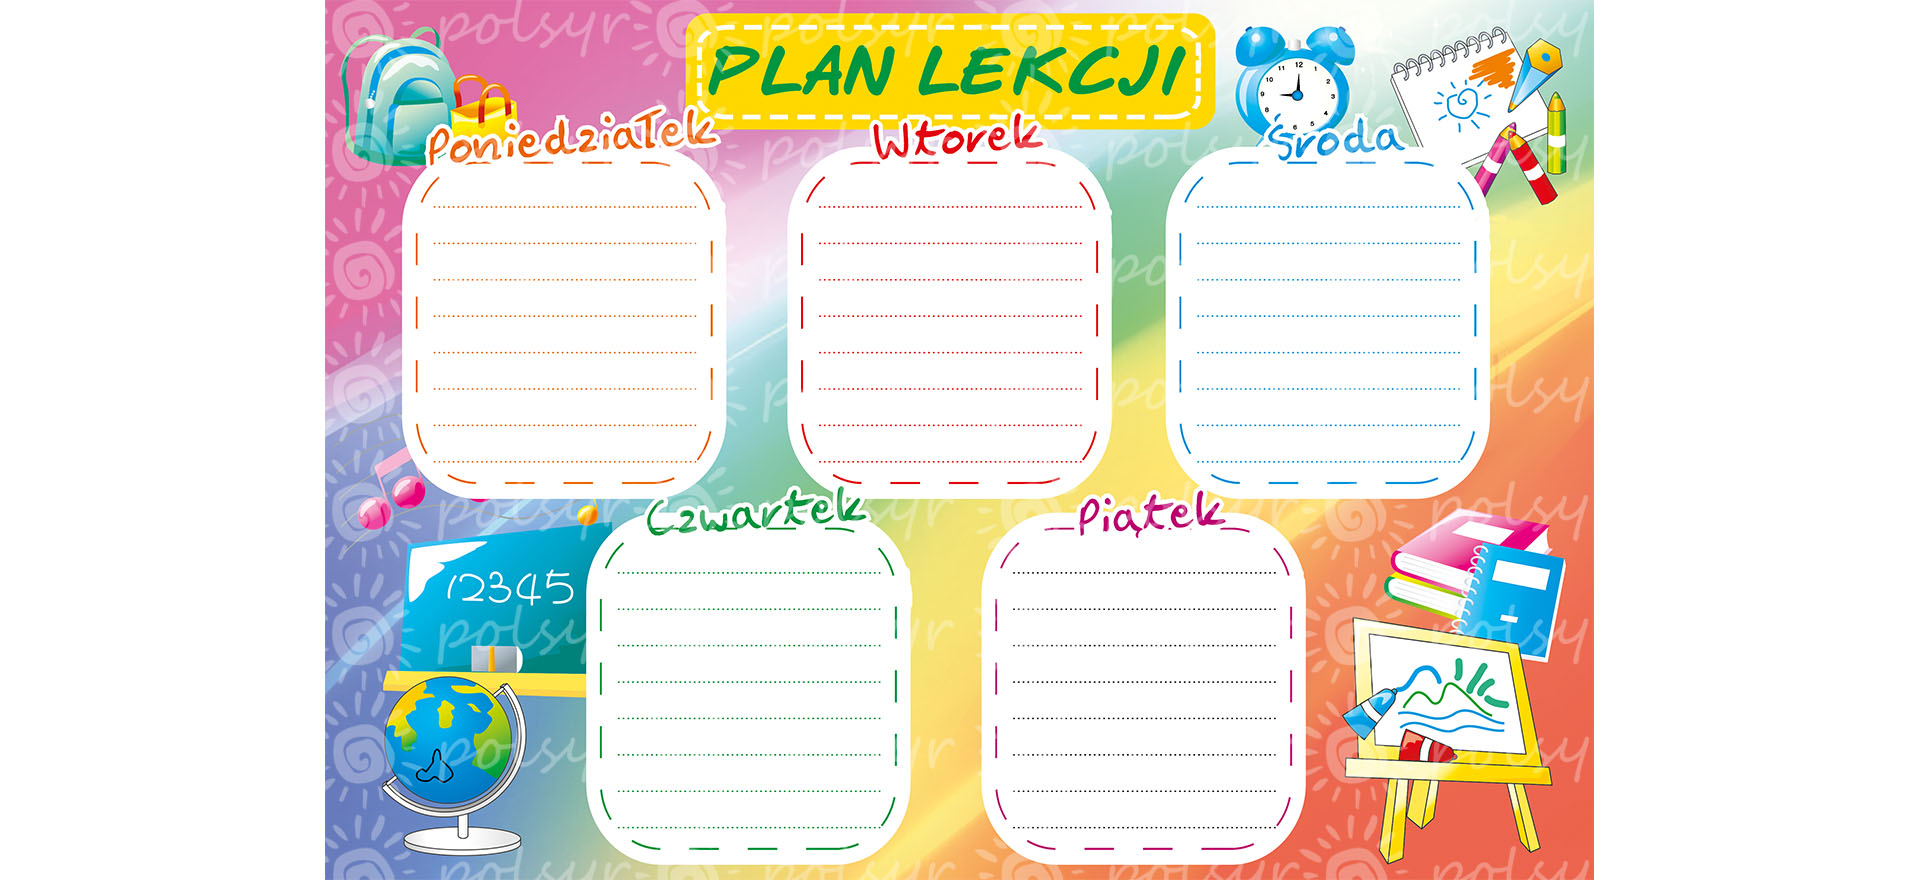 plan_lekcji-duzy-polsyr-12